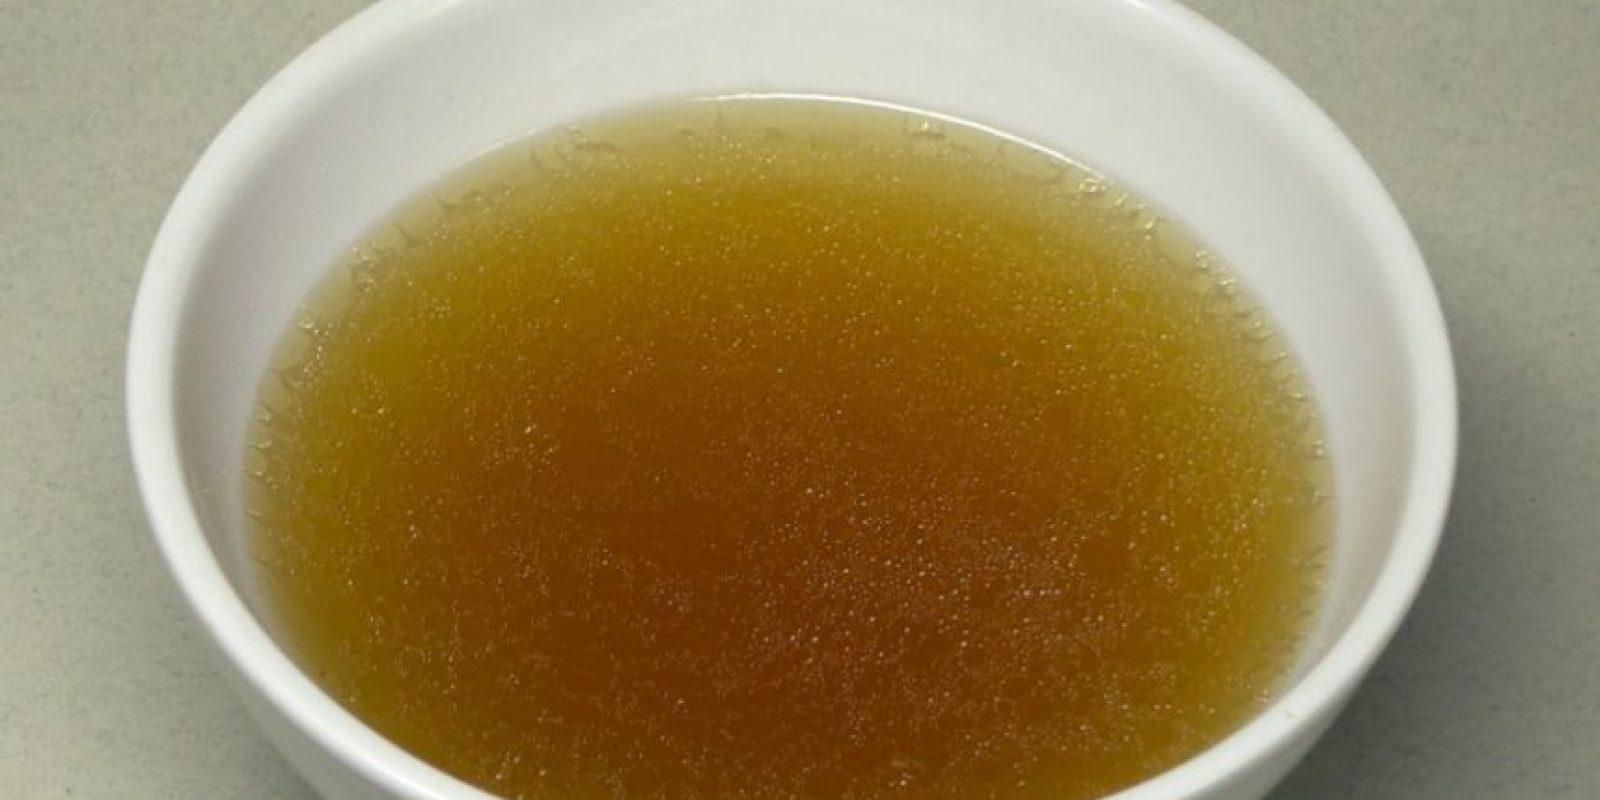 El jugo de carne también logra una textura suave en la piel luego de salir del Spa. Foto:Wikimedia